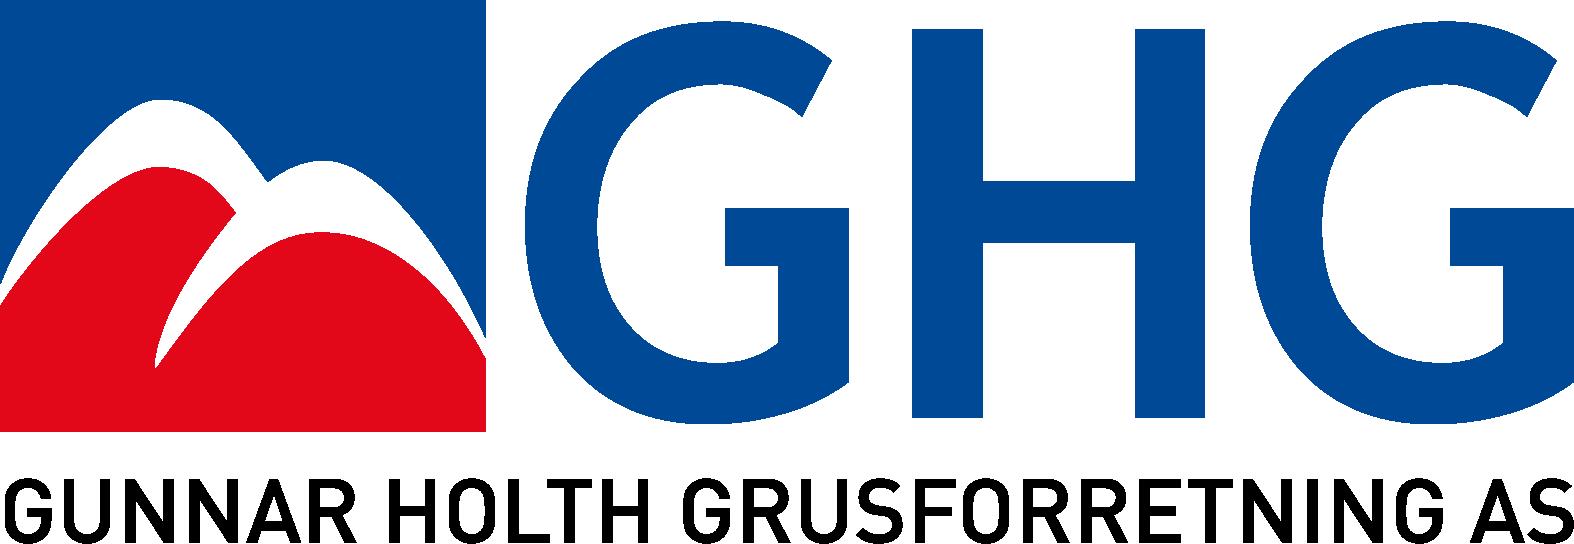 Gunnar Holth Grusforretning AS